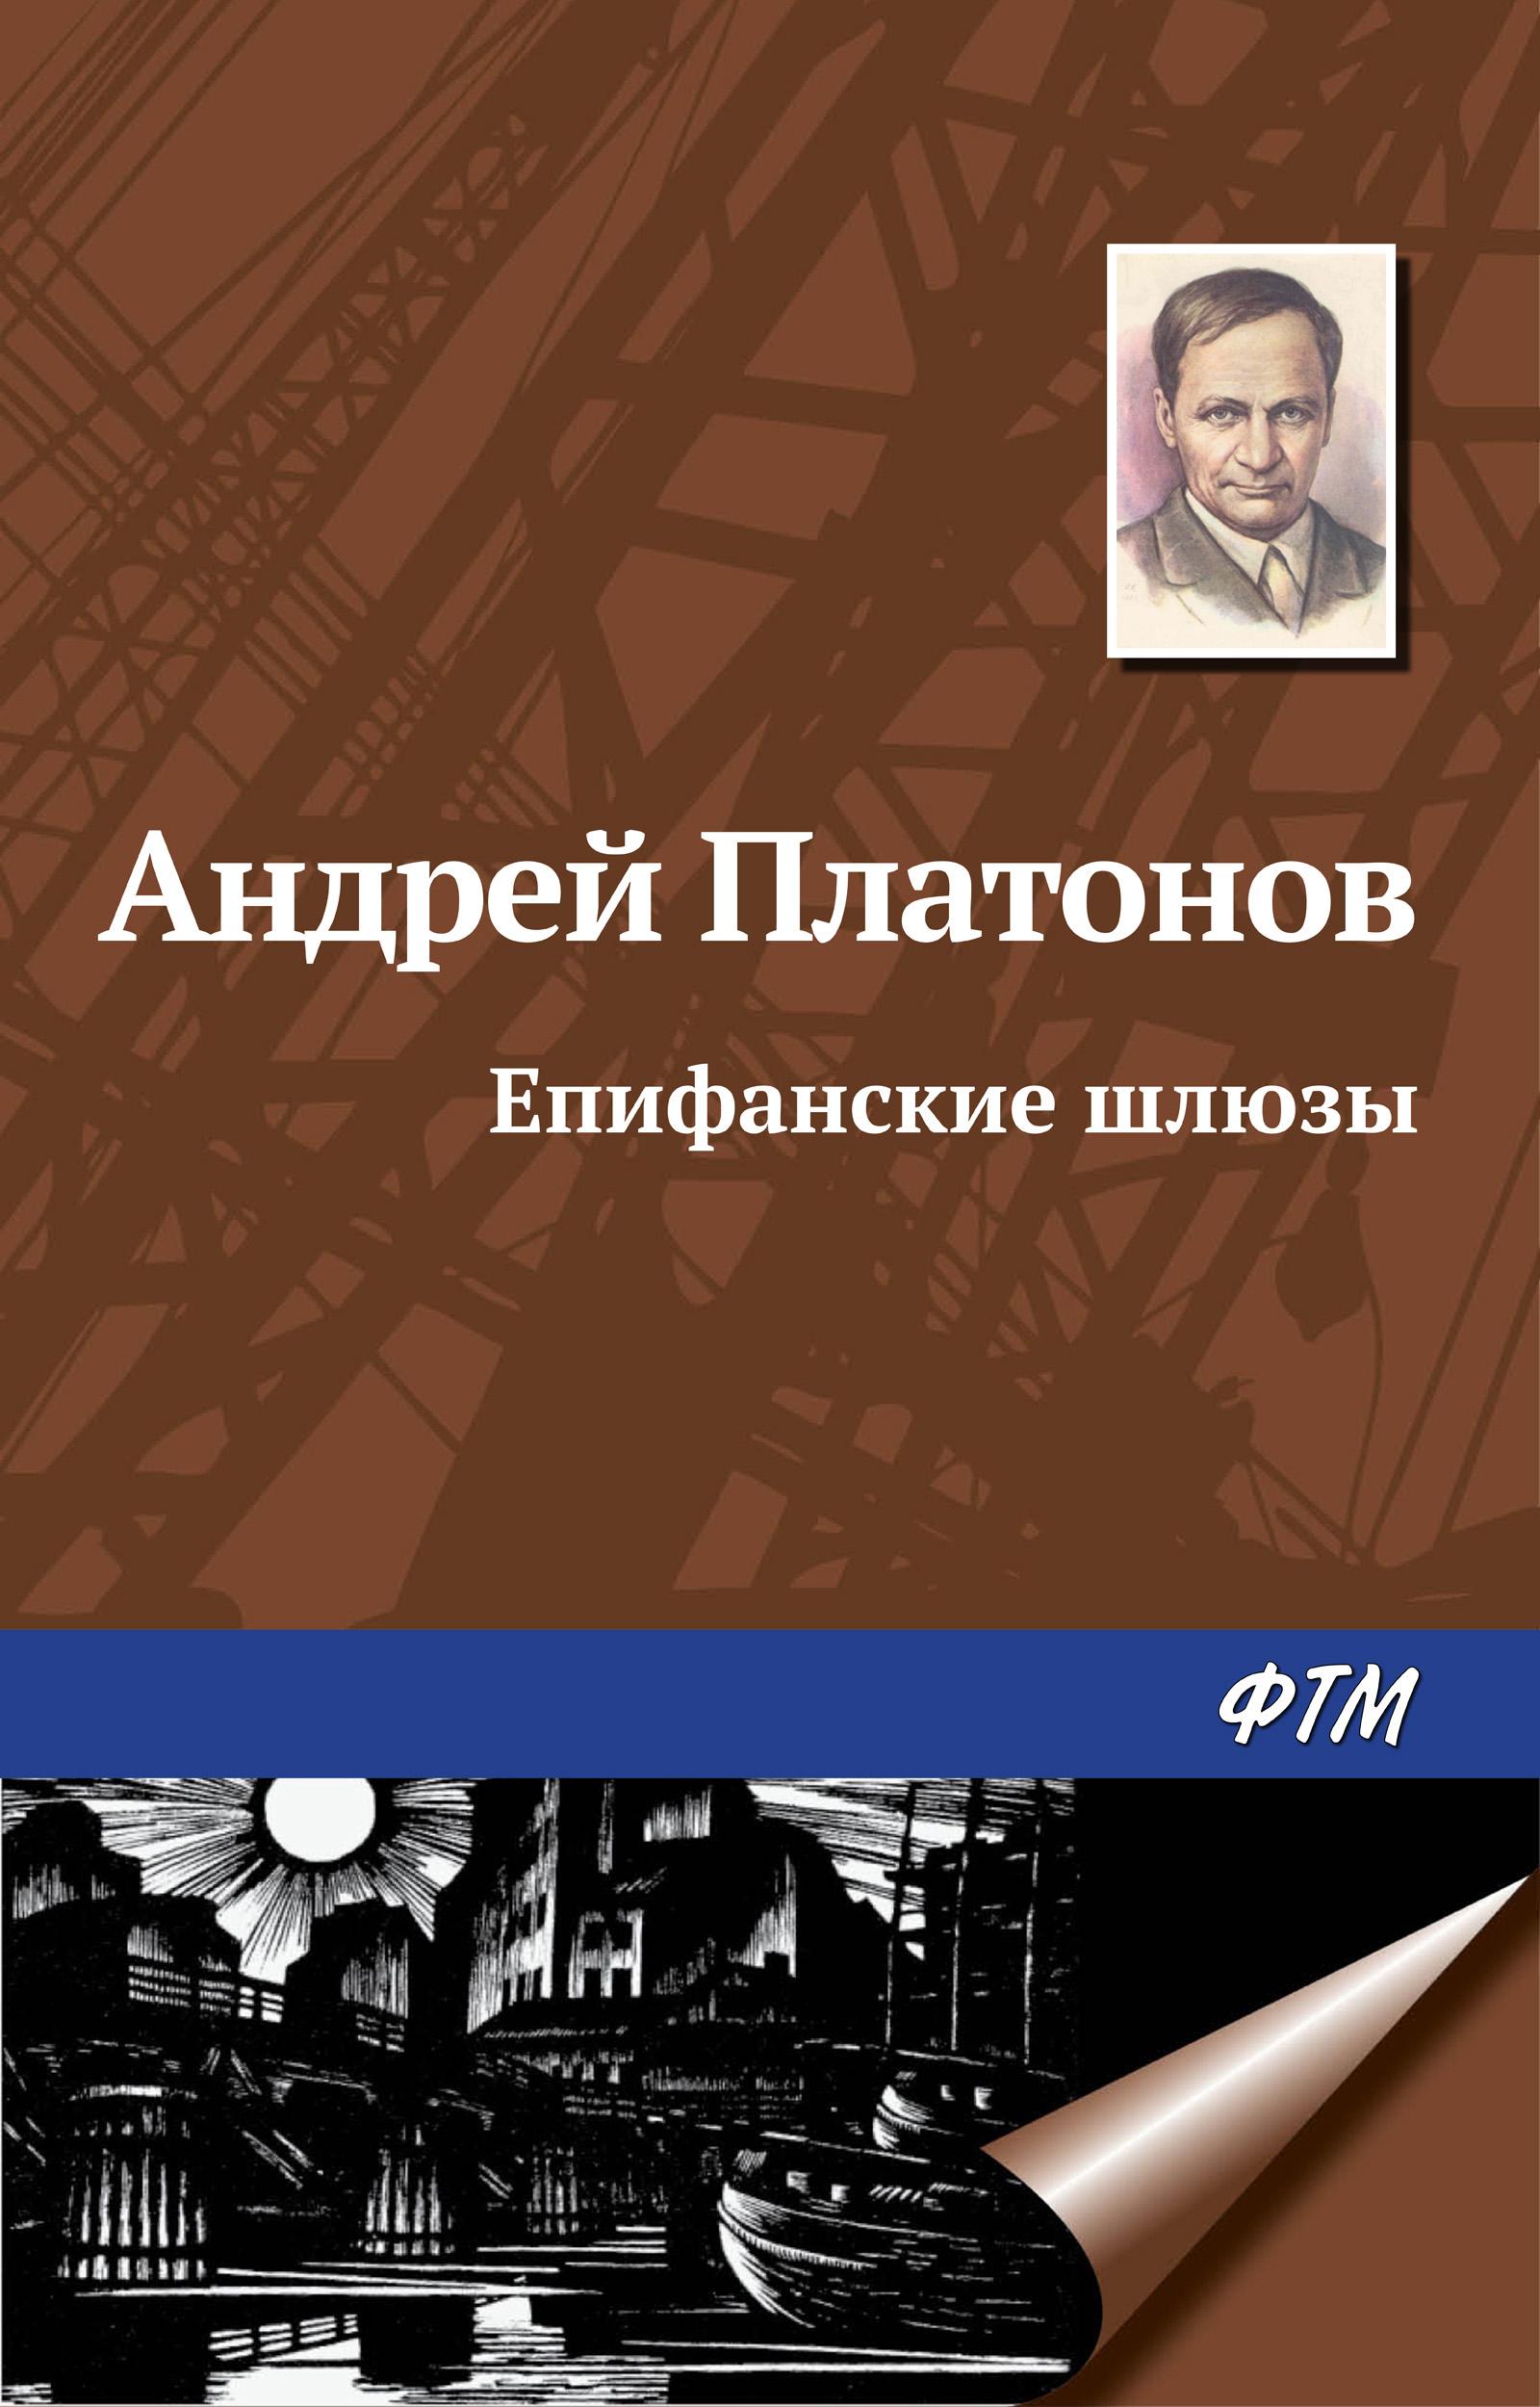 Андрей Платонов Епифанские шлюзы епифанские шлюзы 2019 10 29t19 00